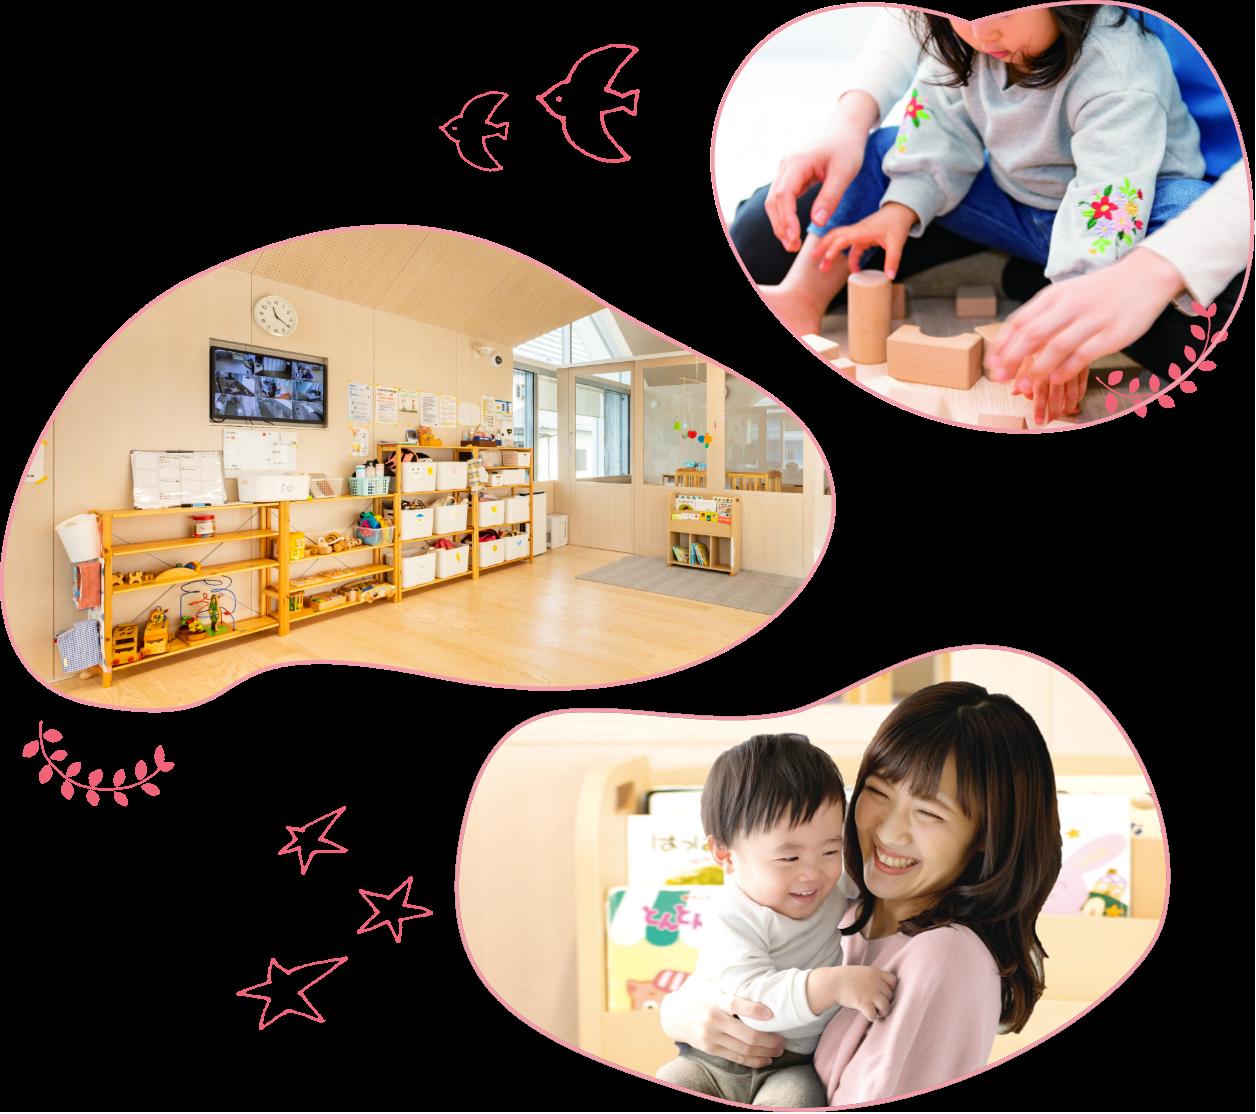 子どもを育てる社員のために、専用の託児施設を設けます